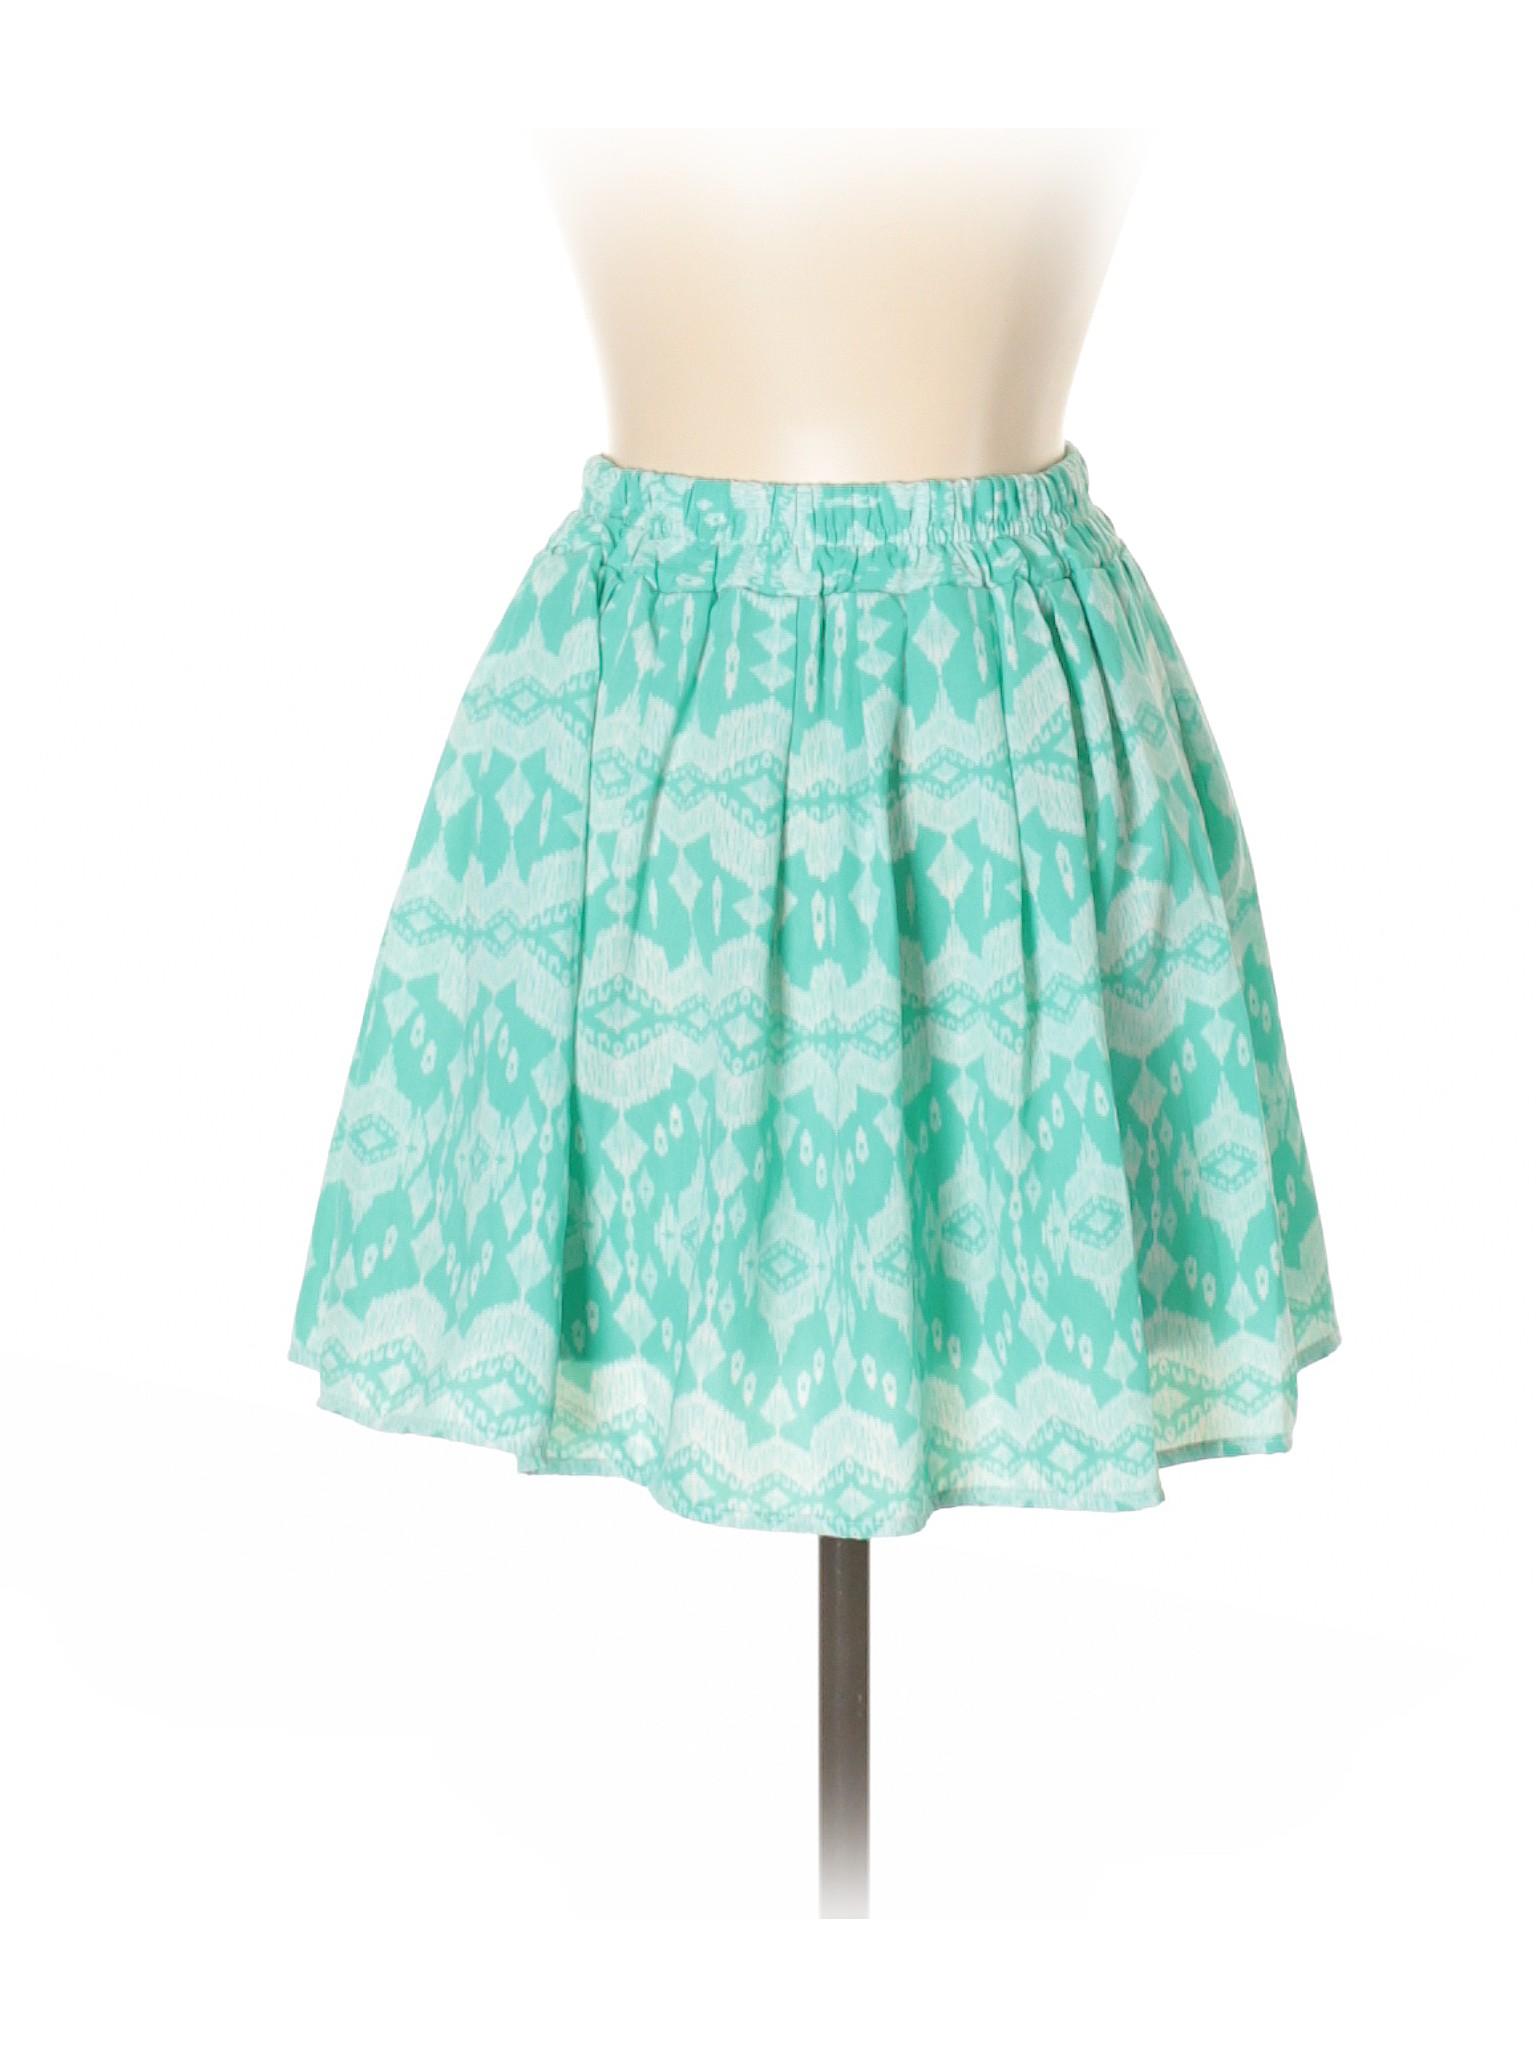 LA Casual leisure Hearts Skirt Boutique qC1ZwPO